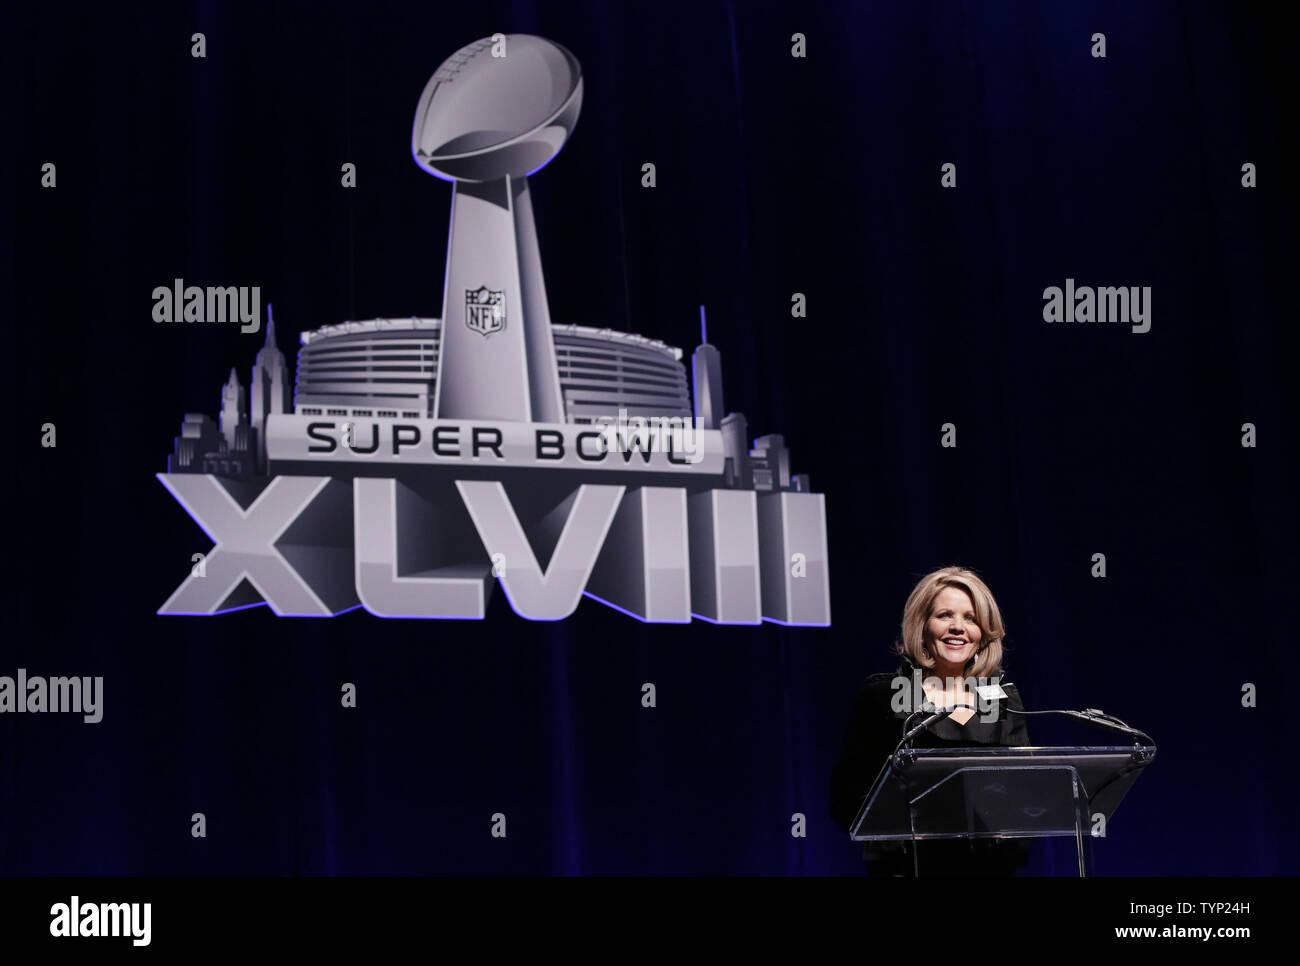 Renee Fleming parle aux médias au Super Bowl sa conférence de presse d'avant match au prochain Super Bowl XLVIII entre les Denver Broncos et les Seahawks de Seattle à New York le 30 janvier 2014. Stade MetLife à East Rutherford NJ sera le site du tout premier Super Bowl dans la région de New York le 2 février 2014. UPI /John Angelillo Photo Stock